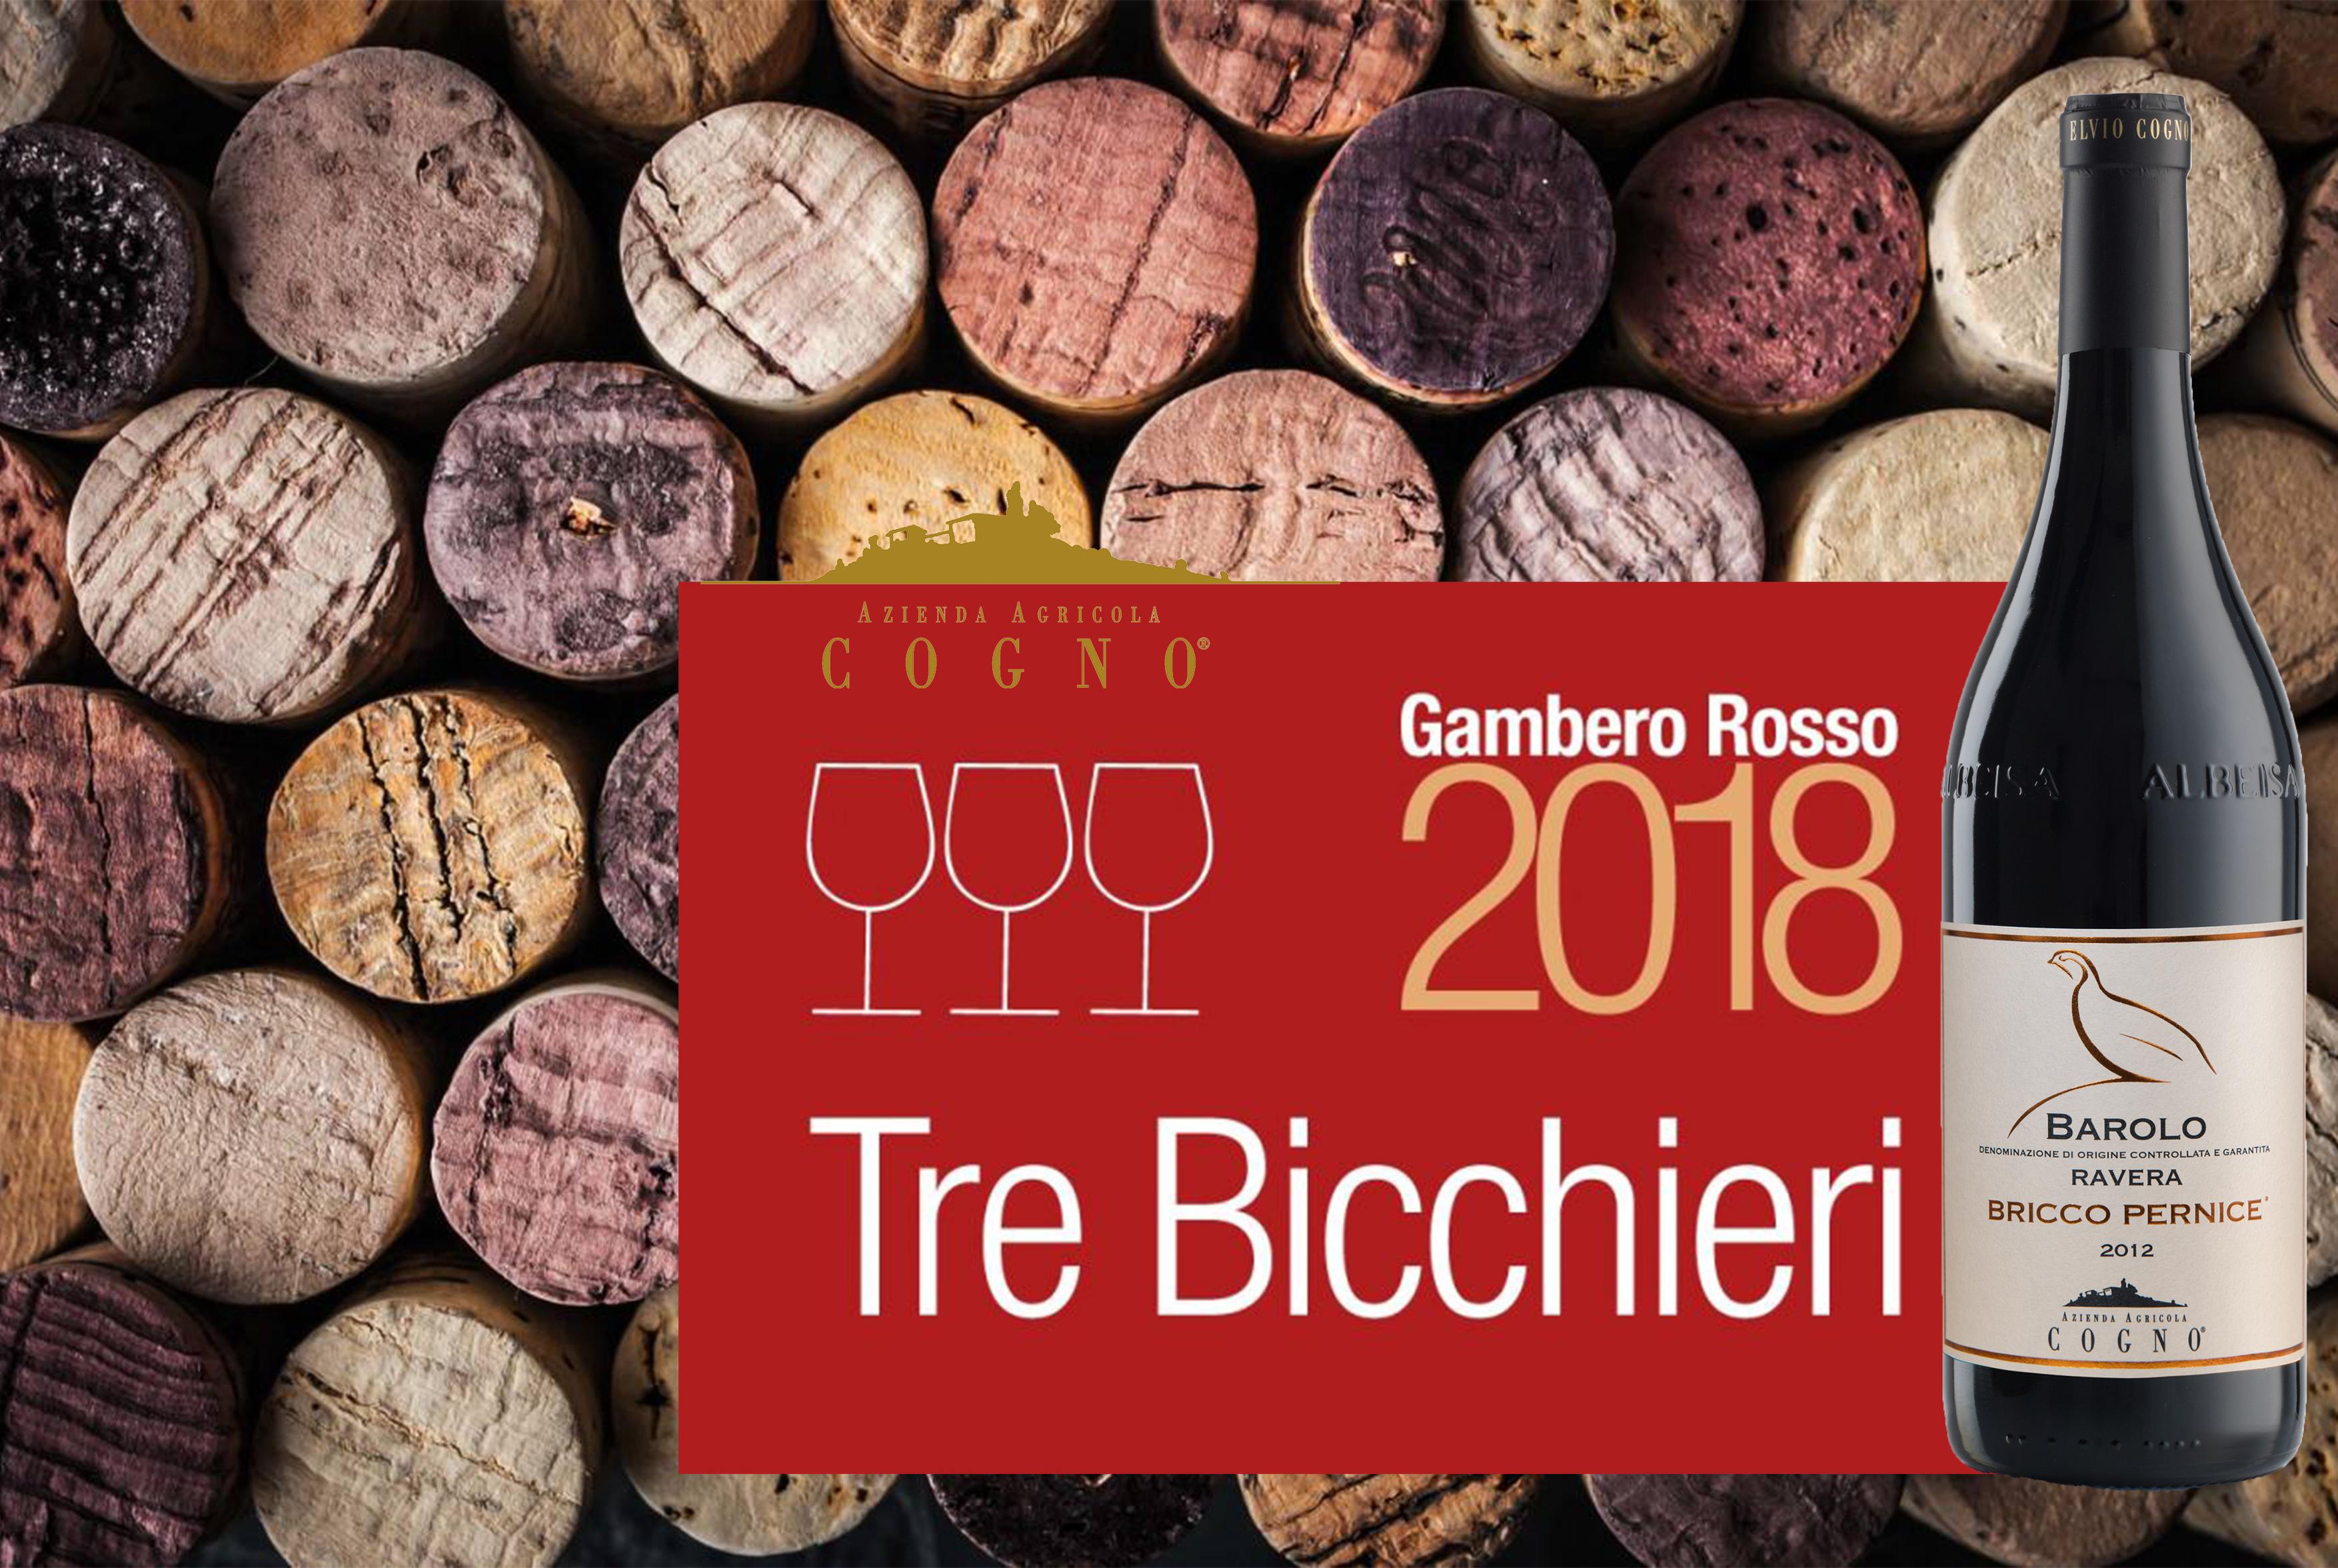 2018 Gambero Rosso 3 bicchieri